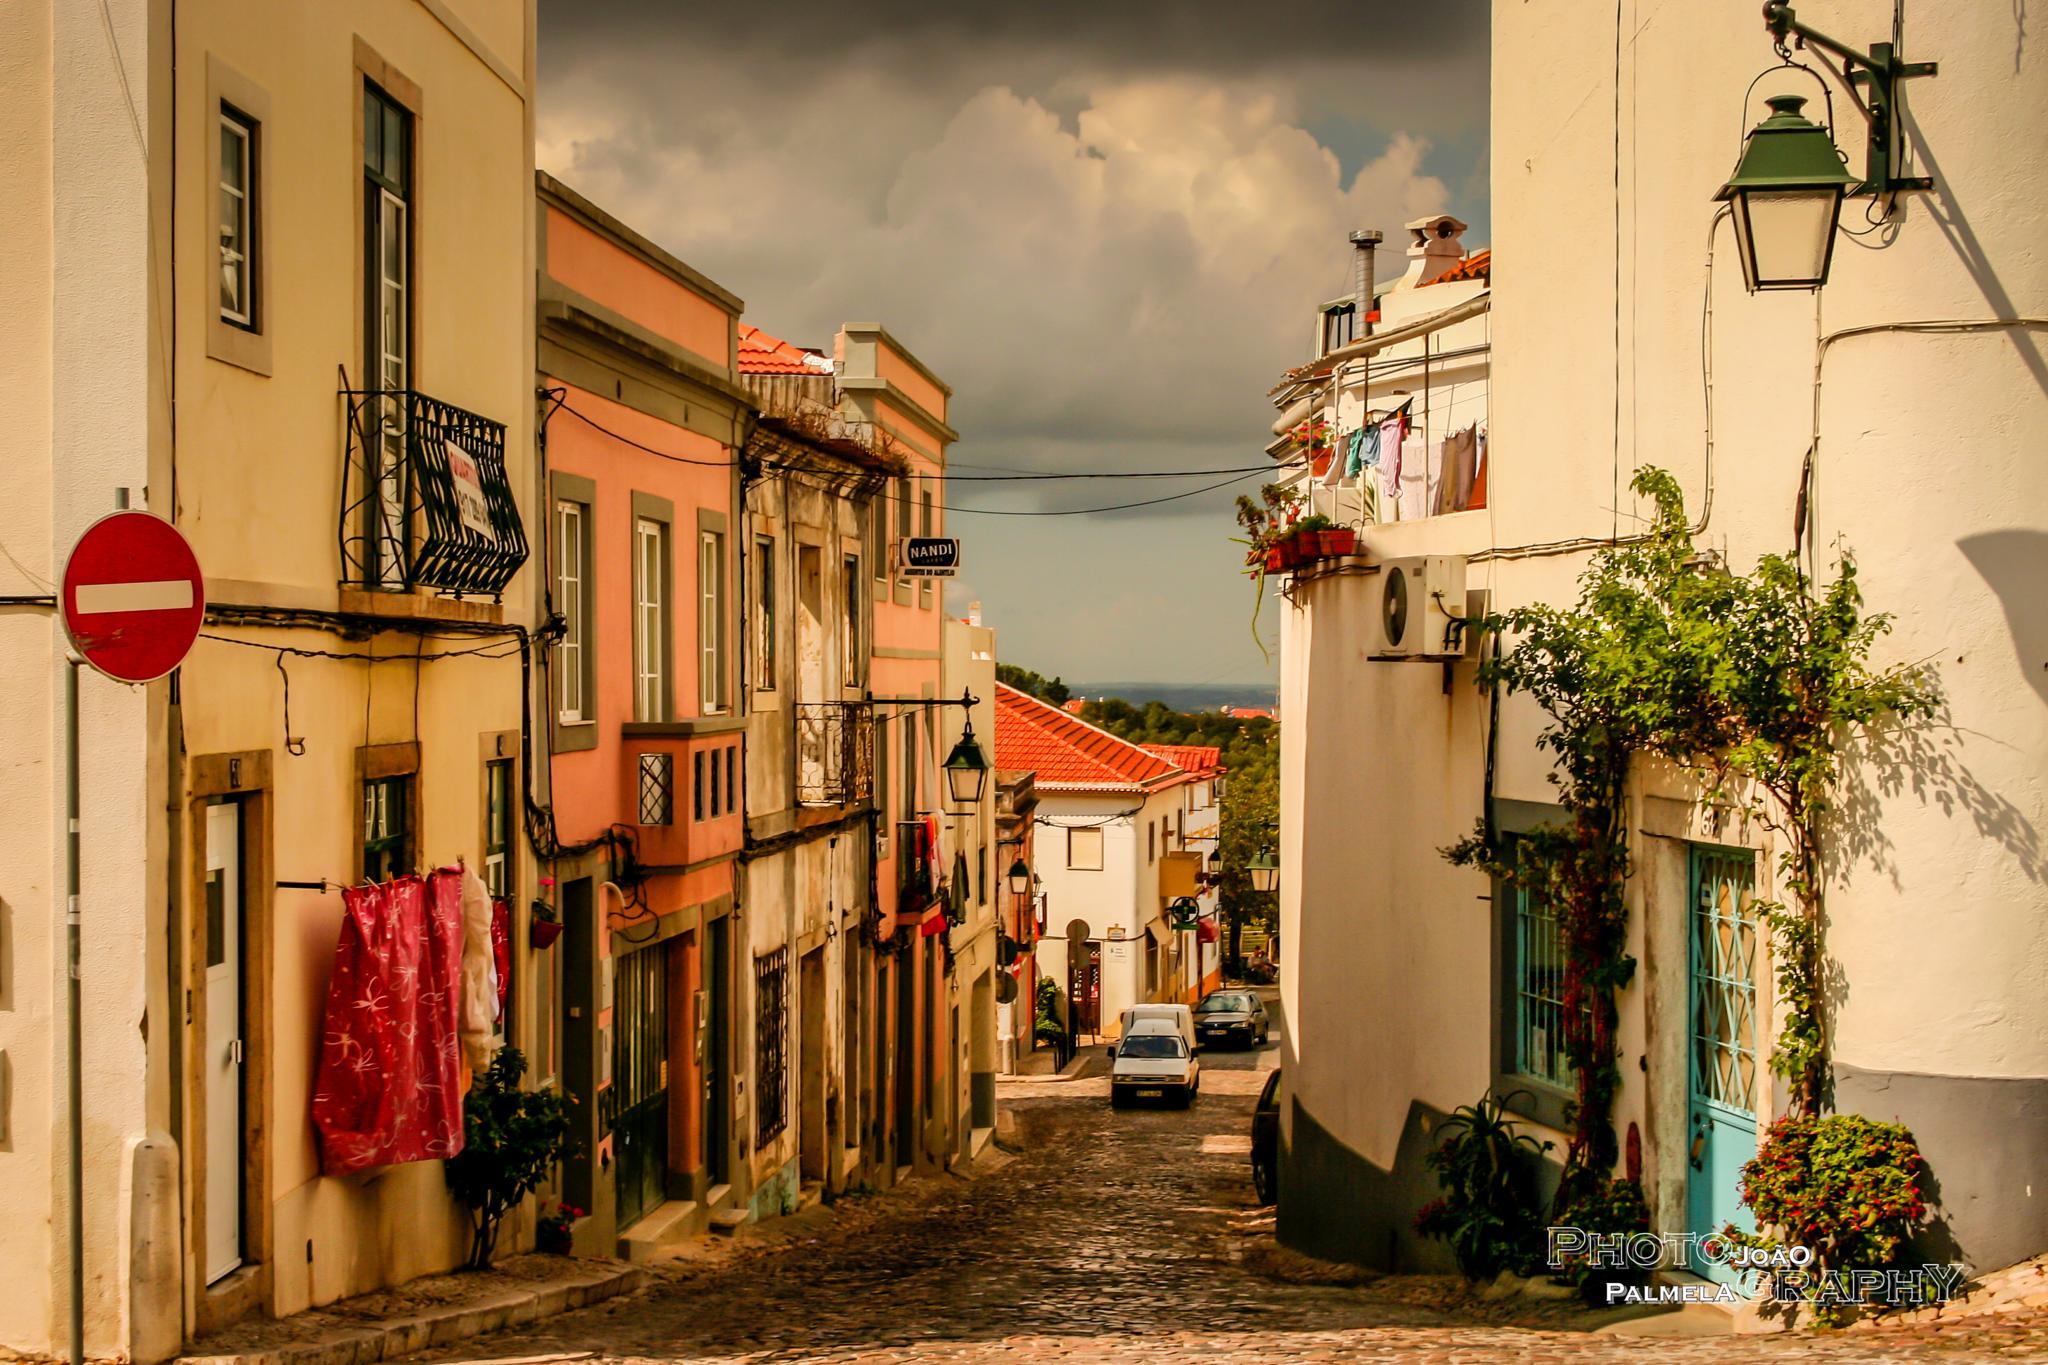 Rua em Palmela! by Joao Palmela